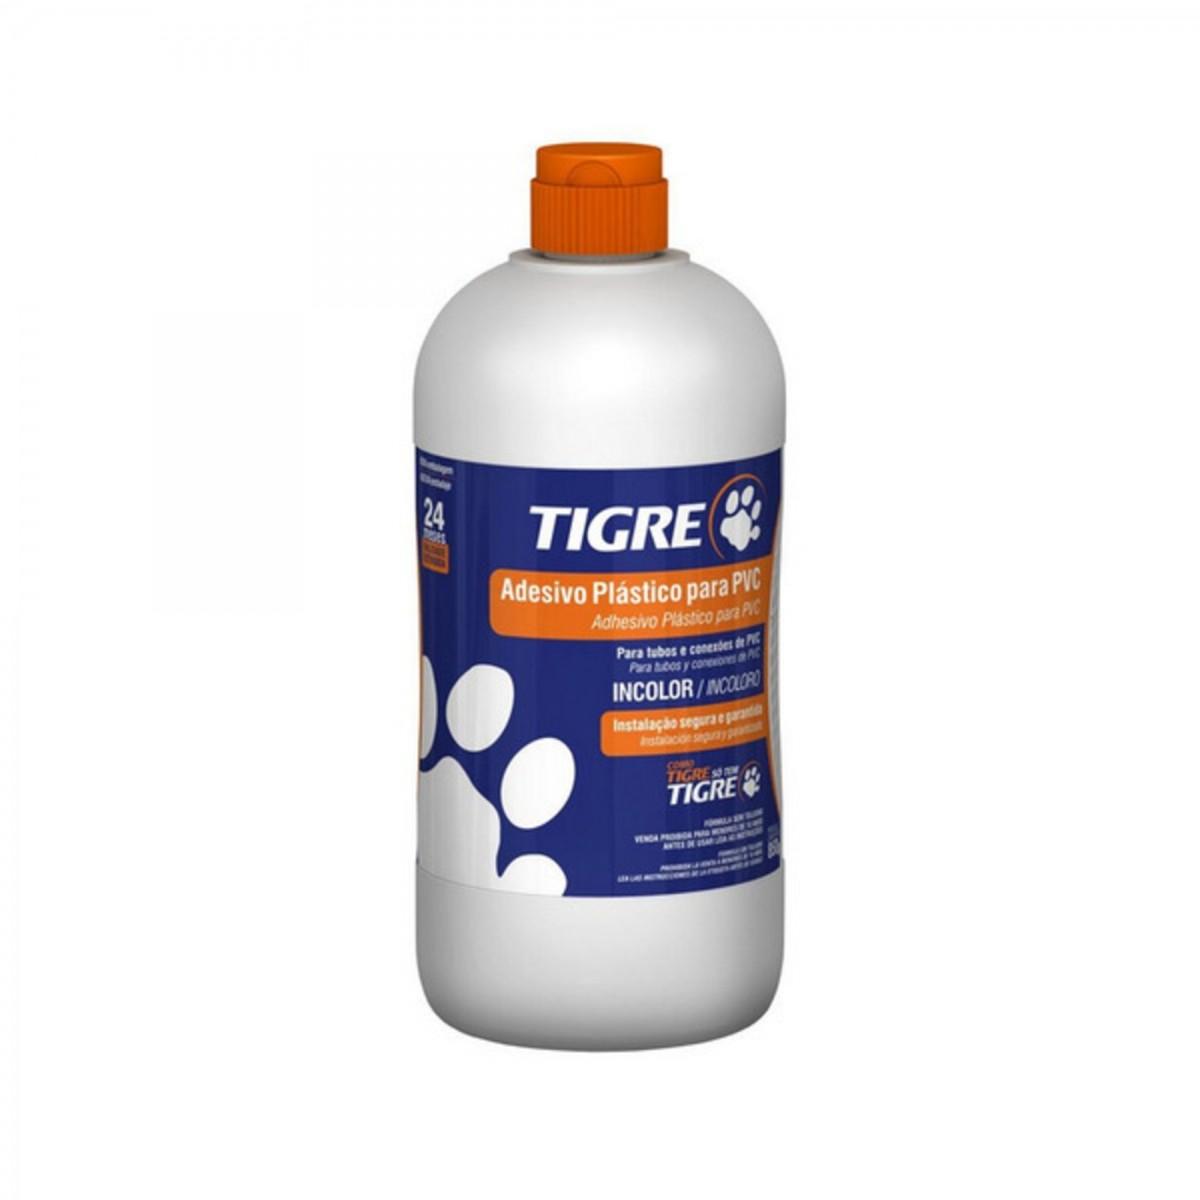 Adesivo Plástico Para PVC 850g Tigre